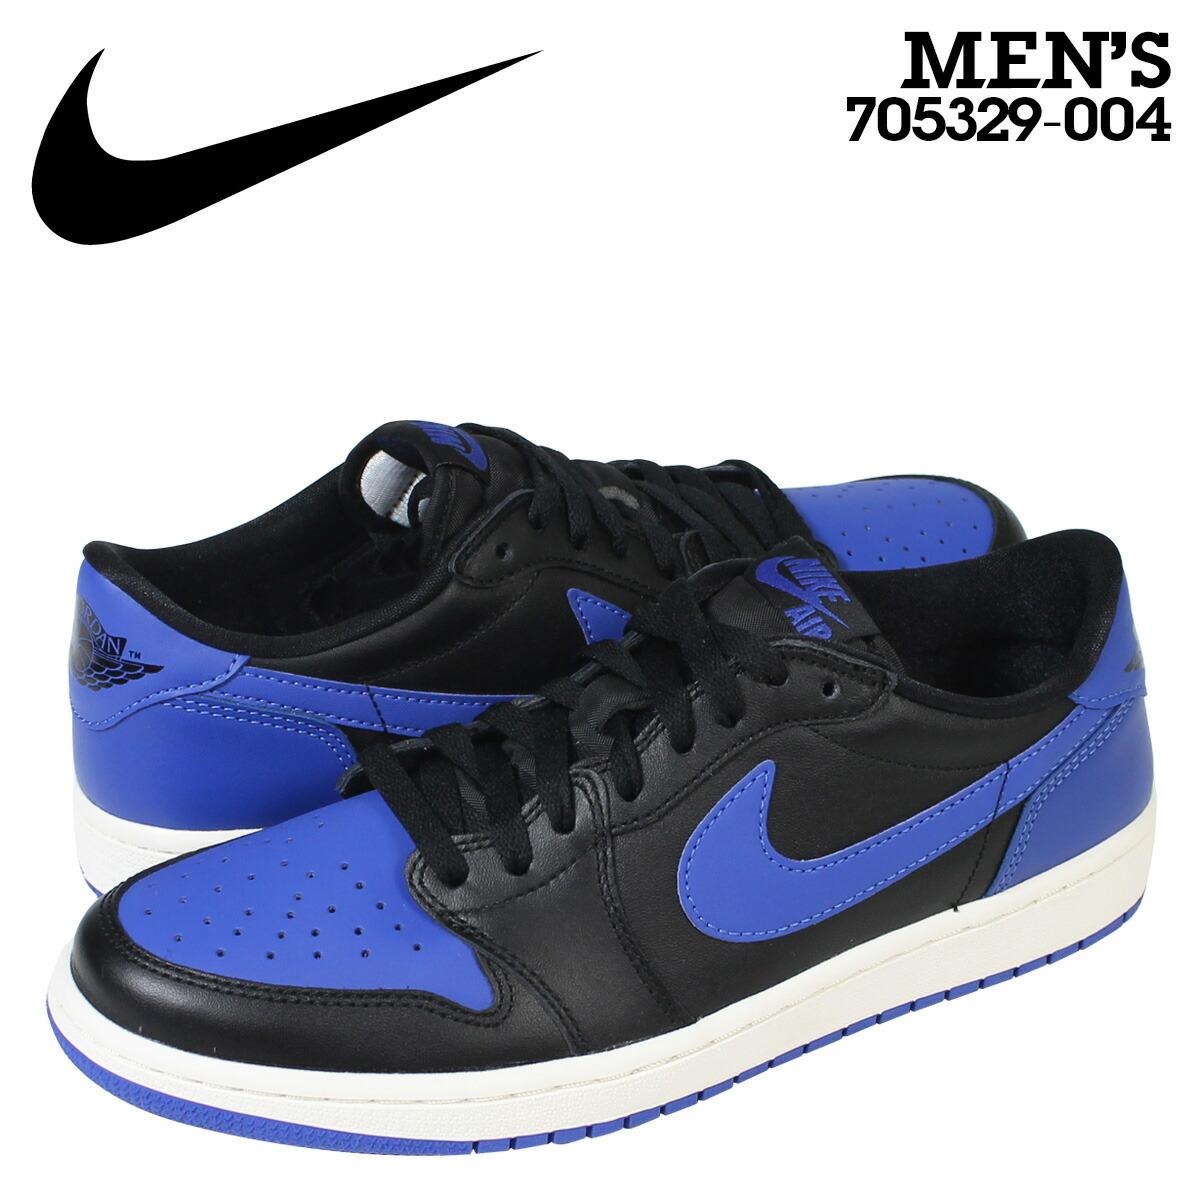 Nike NIKE Air Jordan sneakers men AIR JORDAN 1 RETRO LOW OG Air Jordan 1 nostalgic low 705,329 004 blue